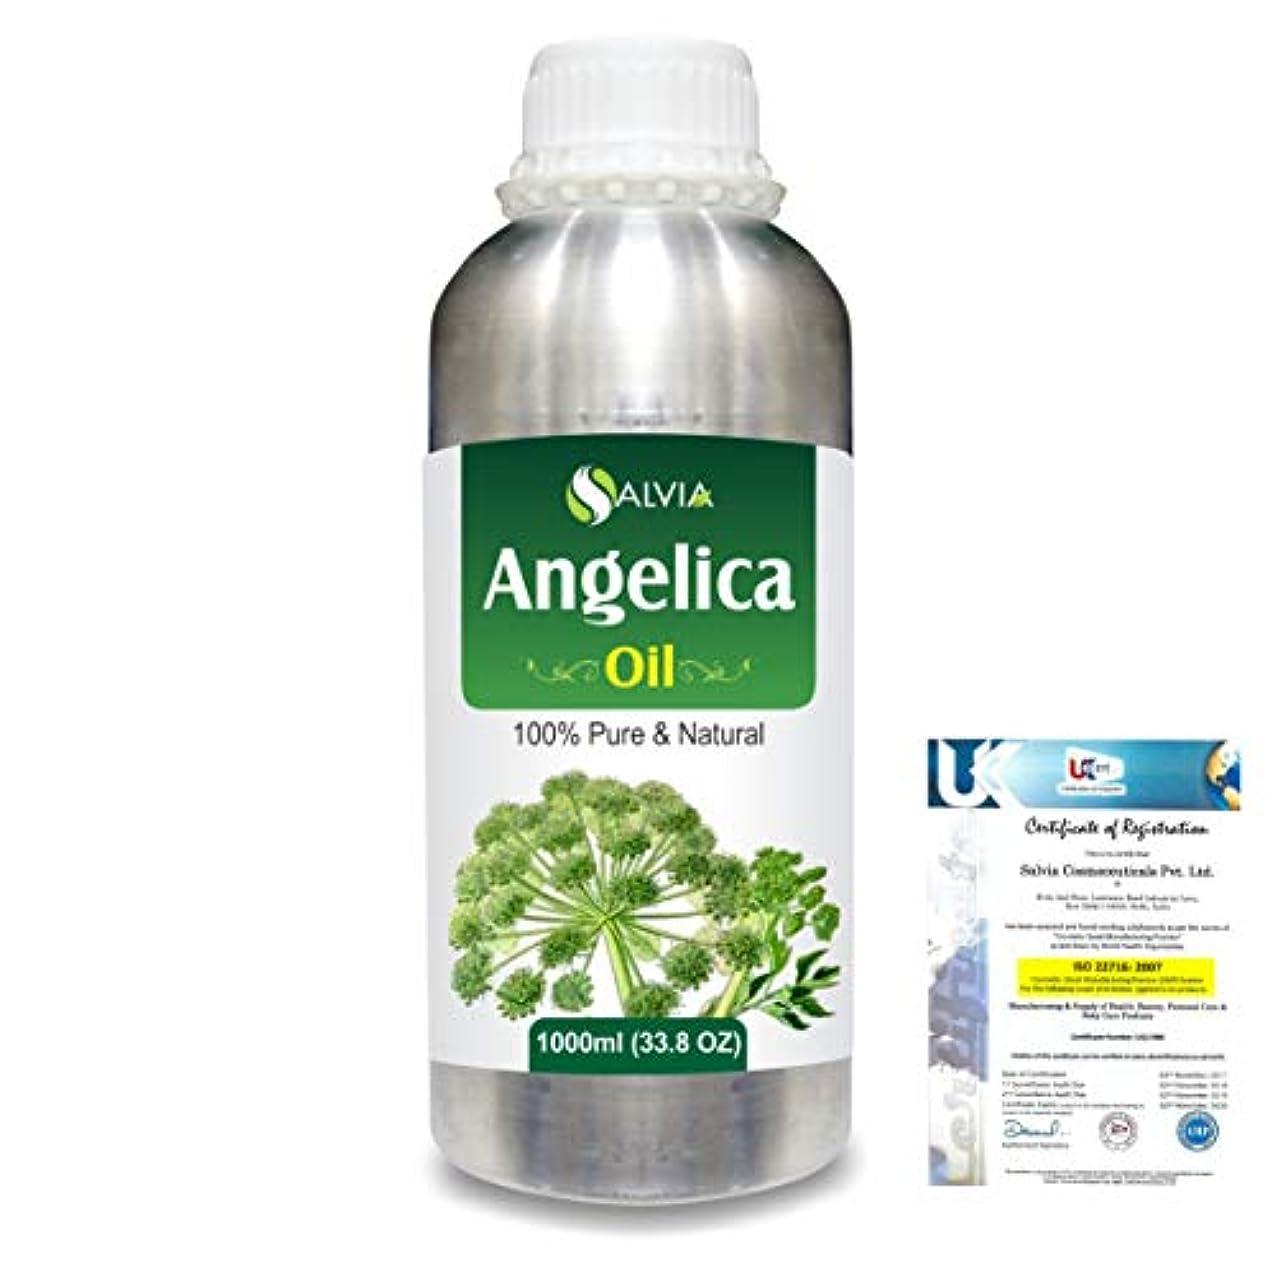 ヘロイン傀儡リンスAngelica (Angelica archangelica) 100% Natural Pure Essential Oil 1000ml/33.8fl.oz.